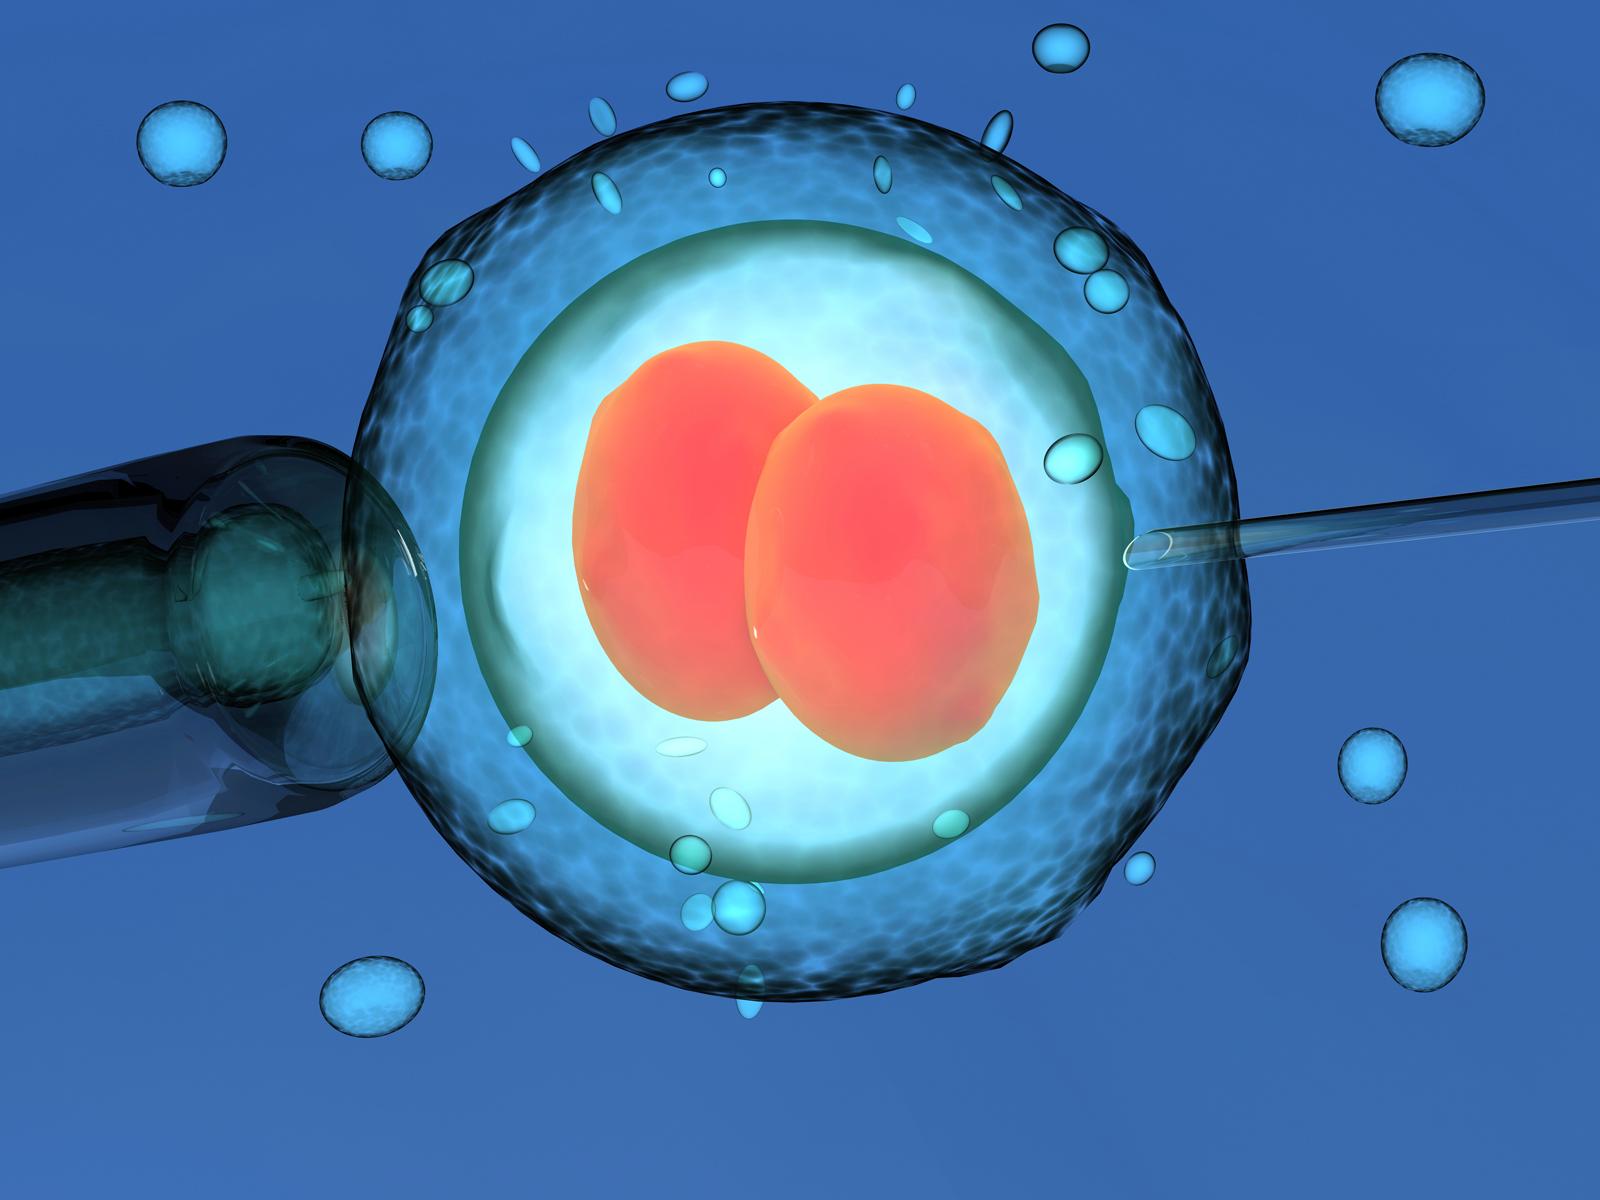 Alteração genética em embriões - 1600x1200